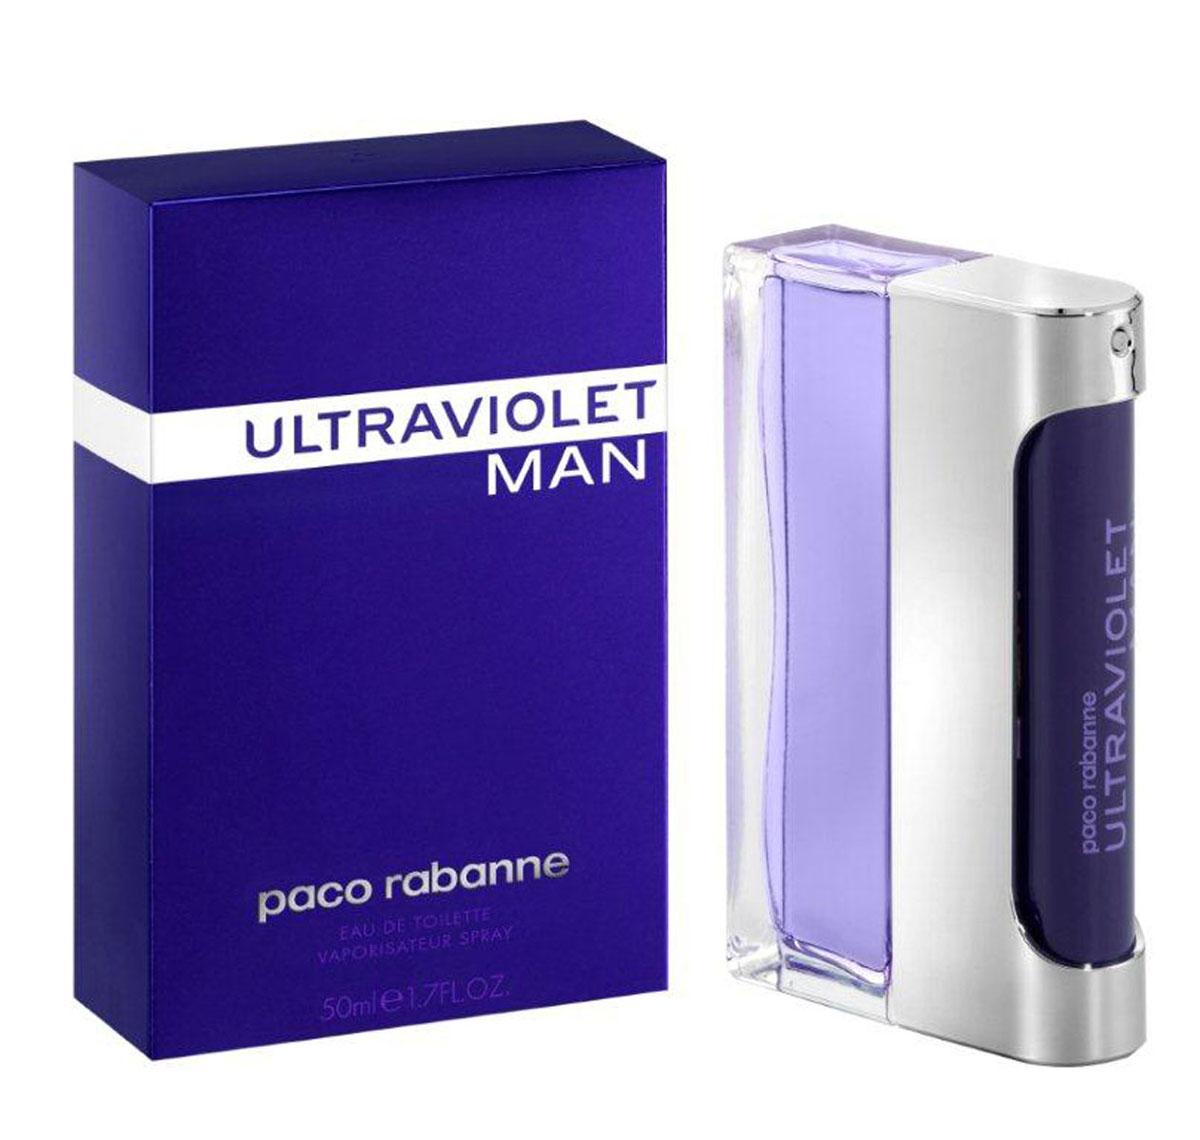 Paco Rabanne Туалетная вода Ultraviolet Man, мужская, 50 мл1301210Герой аромата Ultraviolet от Paco Rabanne ценит новые технологии и не боится отличаться от других. Его привлекает только лучшее. Свежий, древесный, амбровый аромат, олицетворяющий истинно мужскую чувственность, был воссоздан благодаря технологии NATURE PRINT. Сначала аромат раскладывают на молекулы и анализируют, затем идентифицируют и с точностью воссоздают наиболее чистые, устойчивые, лучшие ноты. Начальные ноты аромата – это жидкая мята. Ноты сердца звучат органическим ветивером и кристаллическим мхом. Базовые ноты – это серая амбра.Верхняя нота: Русский кориандр, итальянская мята.Средняя нота: Черный перец из Танзании, серая амбра.Шлейф: Пачули из Индонезии, дубовый мох.Руский кориандр, итальянская мята - яркие неземные аккорды аромата.